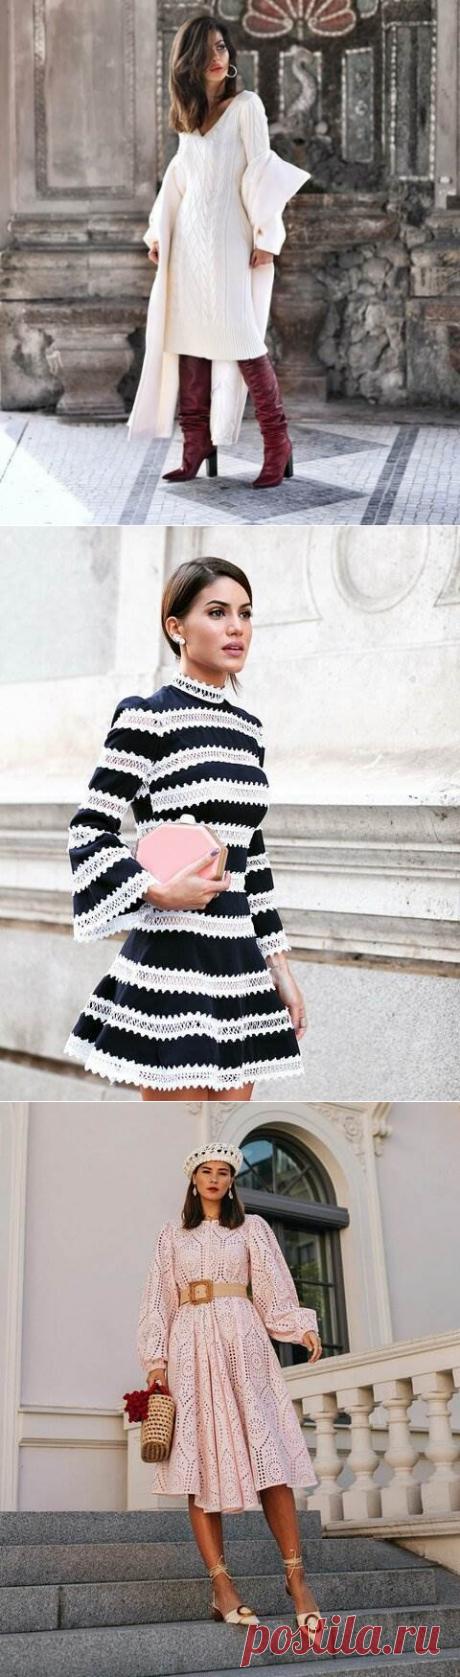 Платье с длинным рукавом 2020: самые модные фасоны | Люблю Себя